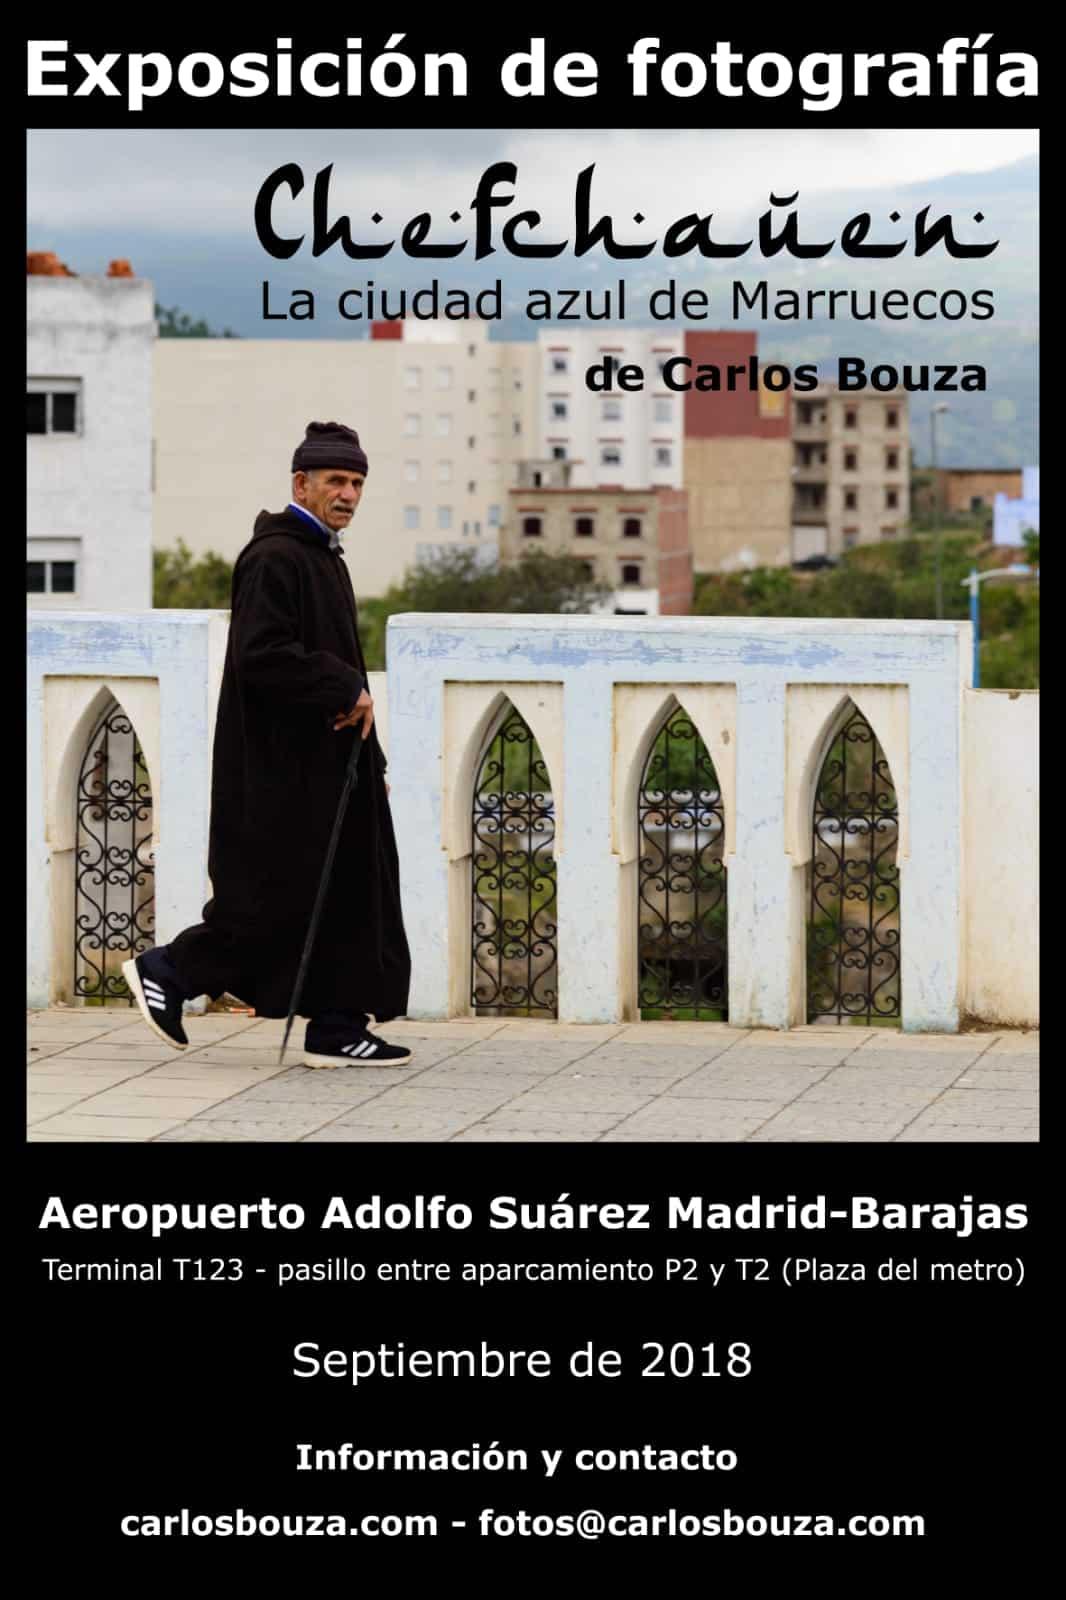 """Cartel de la exposición """"Chefchauen. La ciudad azul de Marruecos"""" en el aeropuerto Adolfo Suárez Madrid-Barajas."""